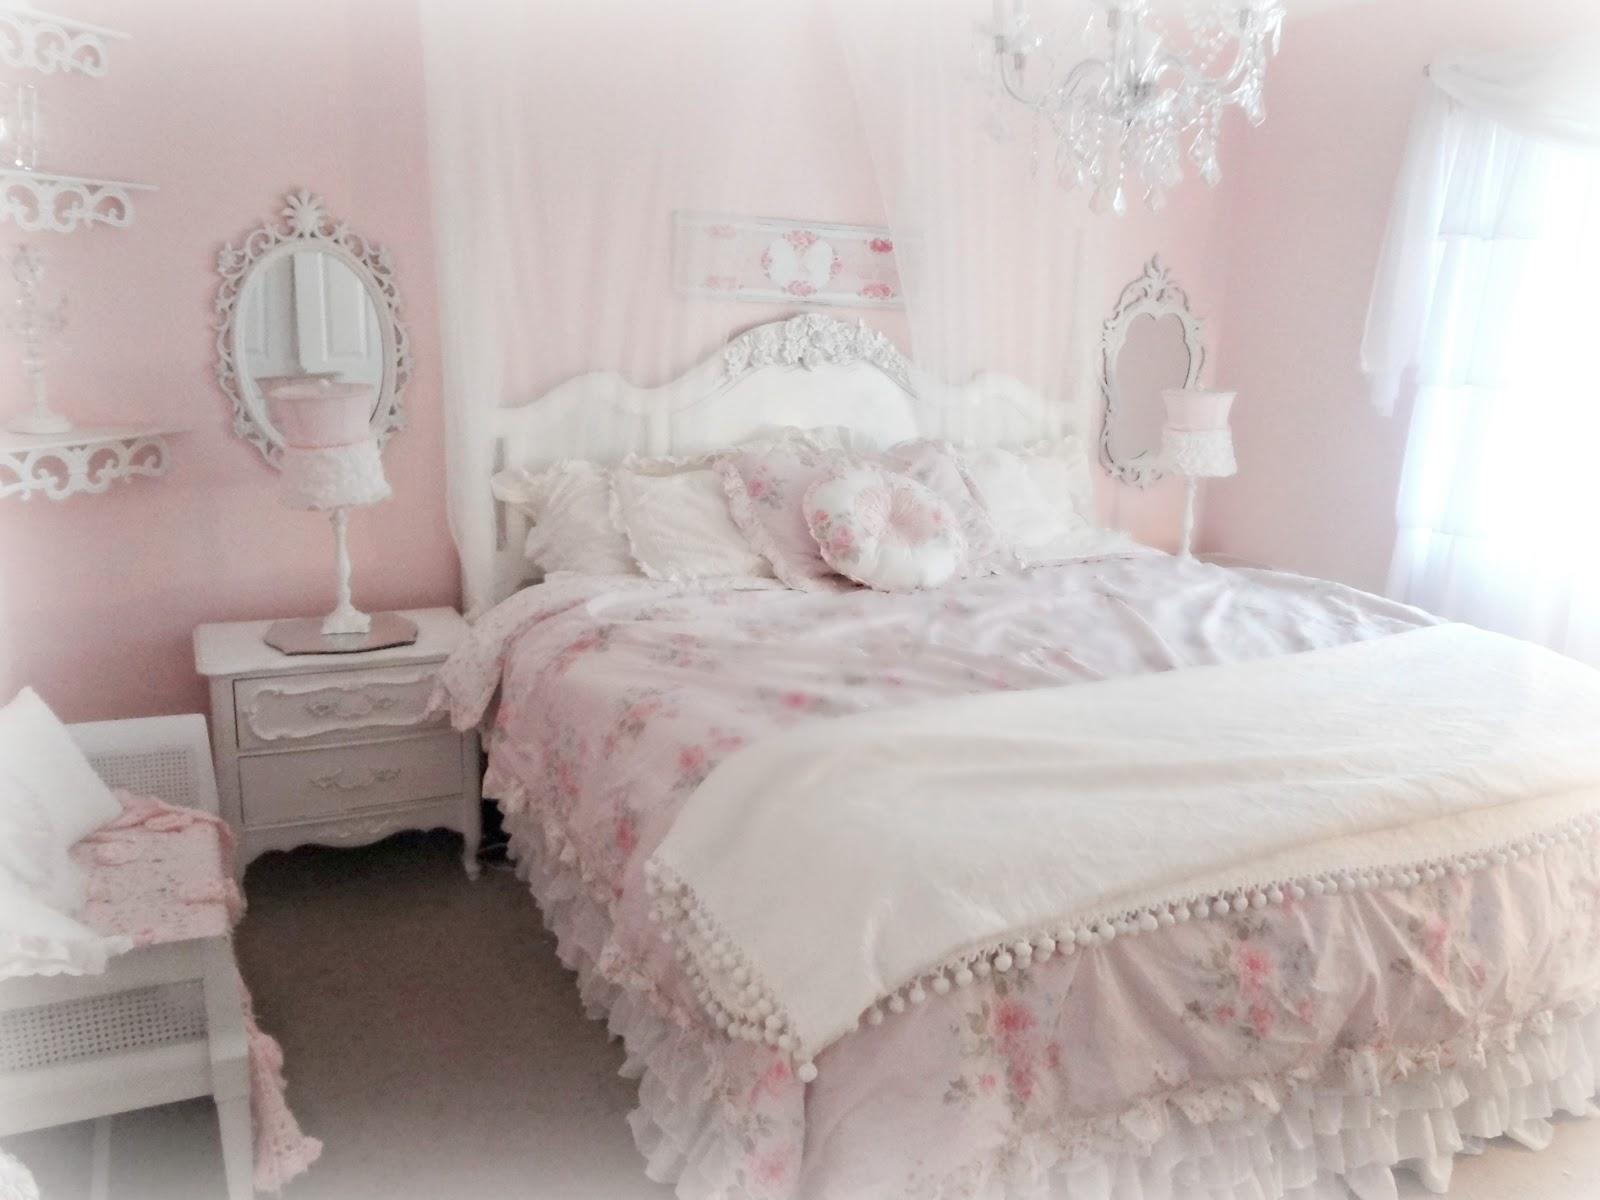 Shabby Chic Bedrooms: Shabby Chic: Shabby Chic Style Headboard